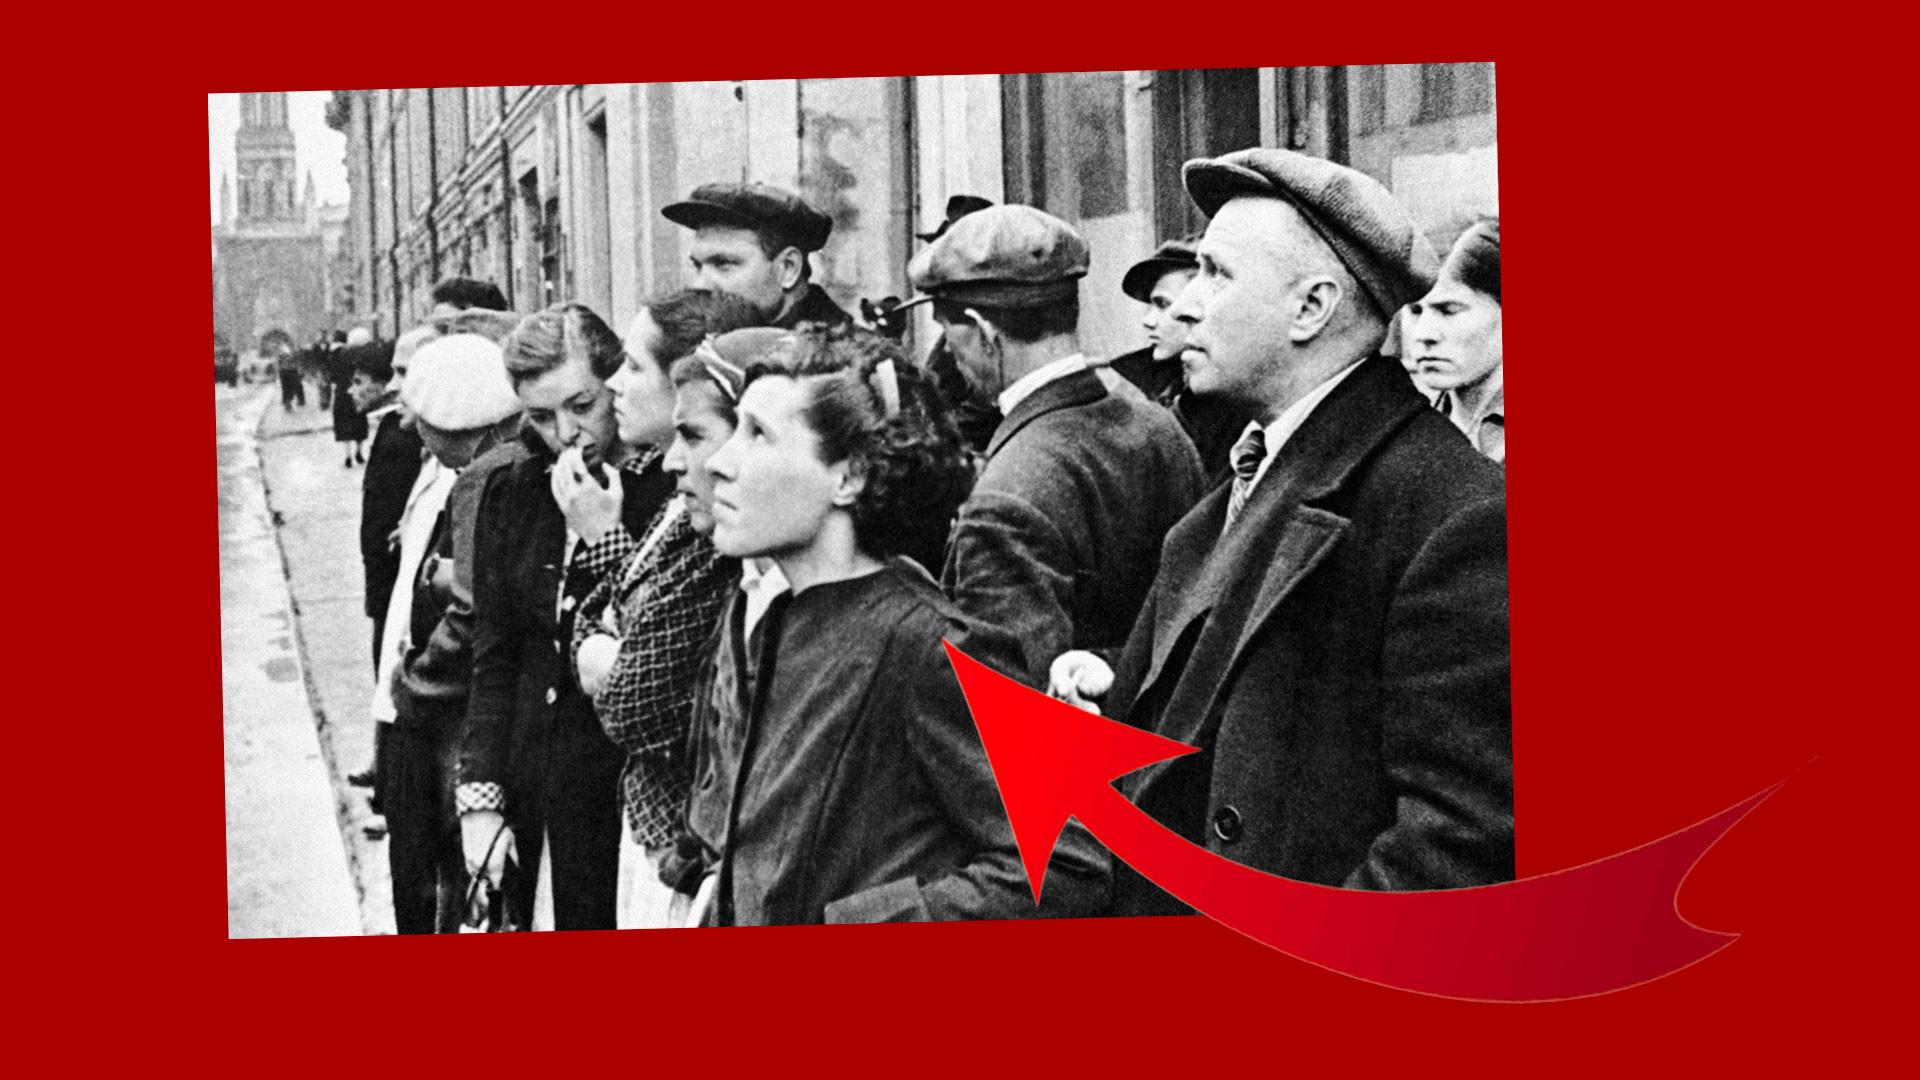 Объявление о начале Великой Отечественной войны. 22 июня 1941 года. Фото © Евгений Халдей / ТАСС